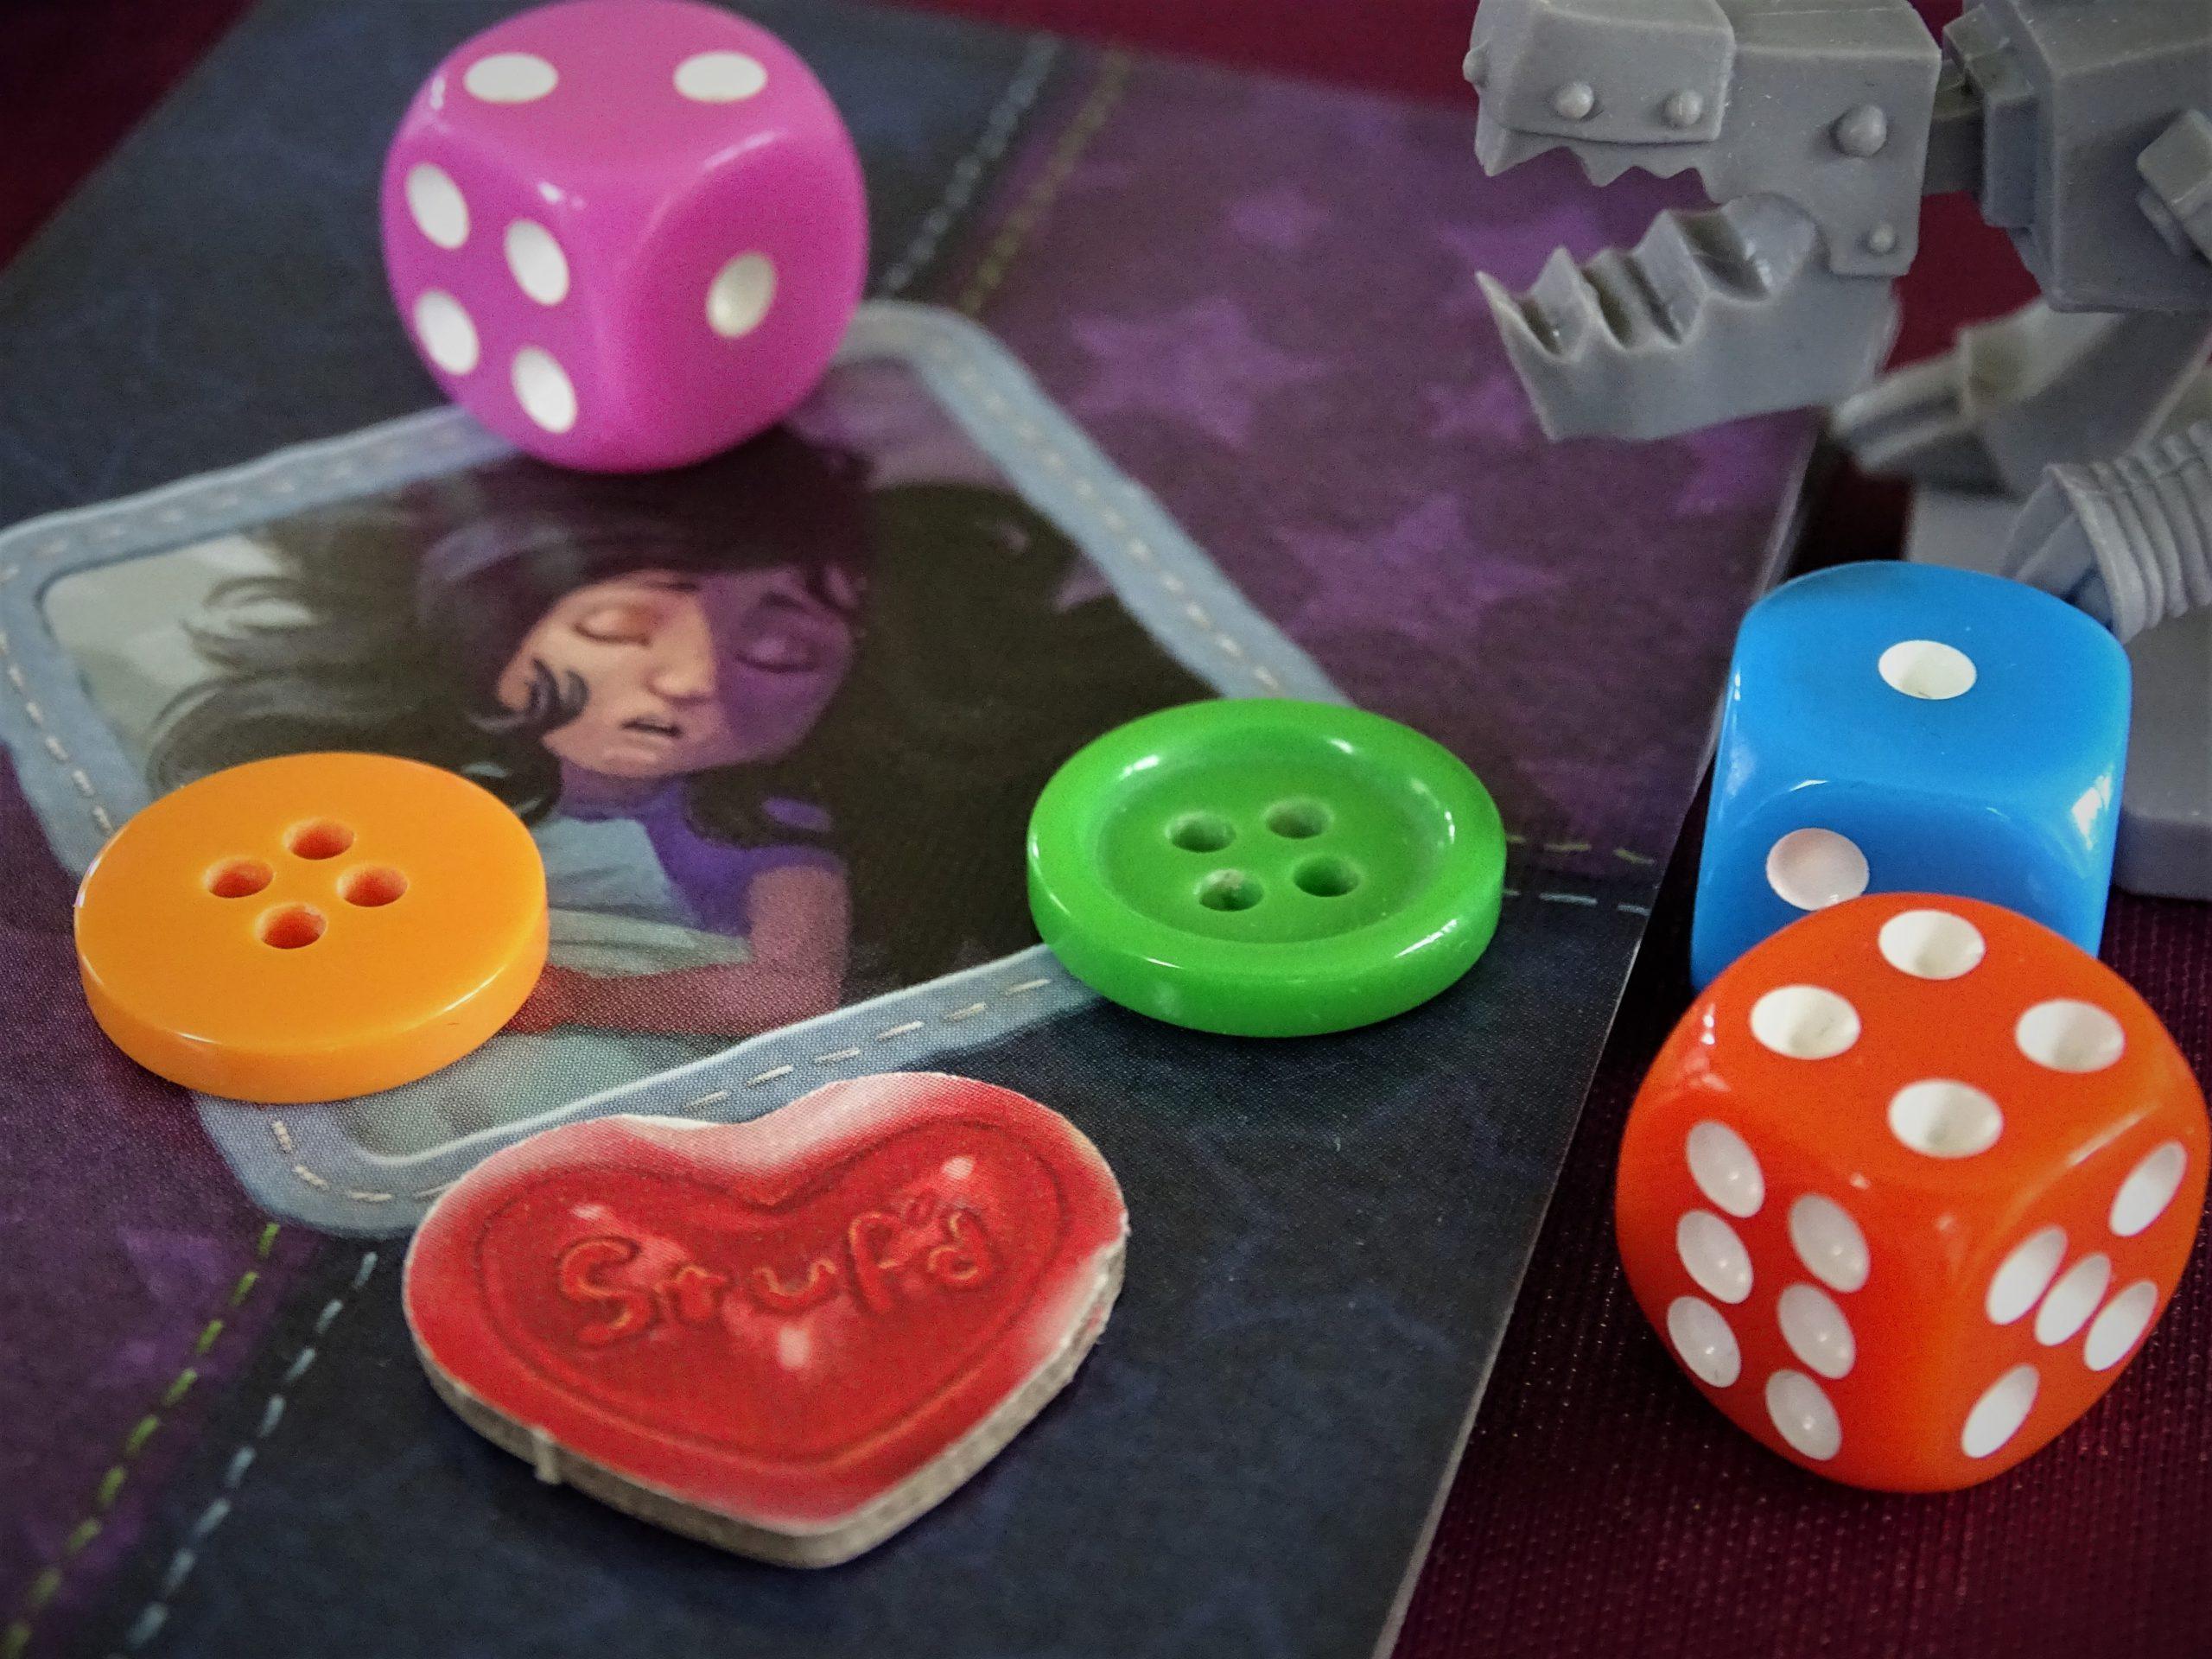 Ein Blick auf das farbenfrohe Spielmaterial